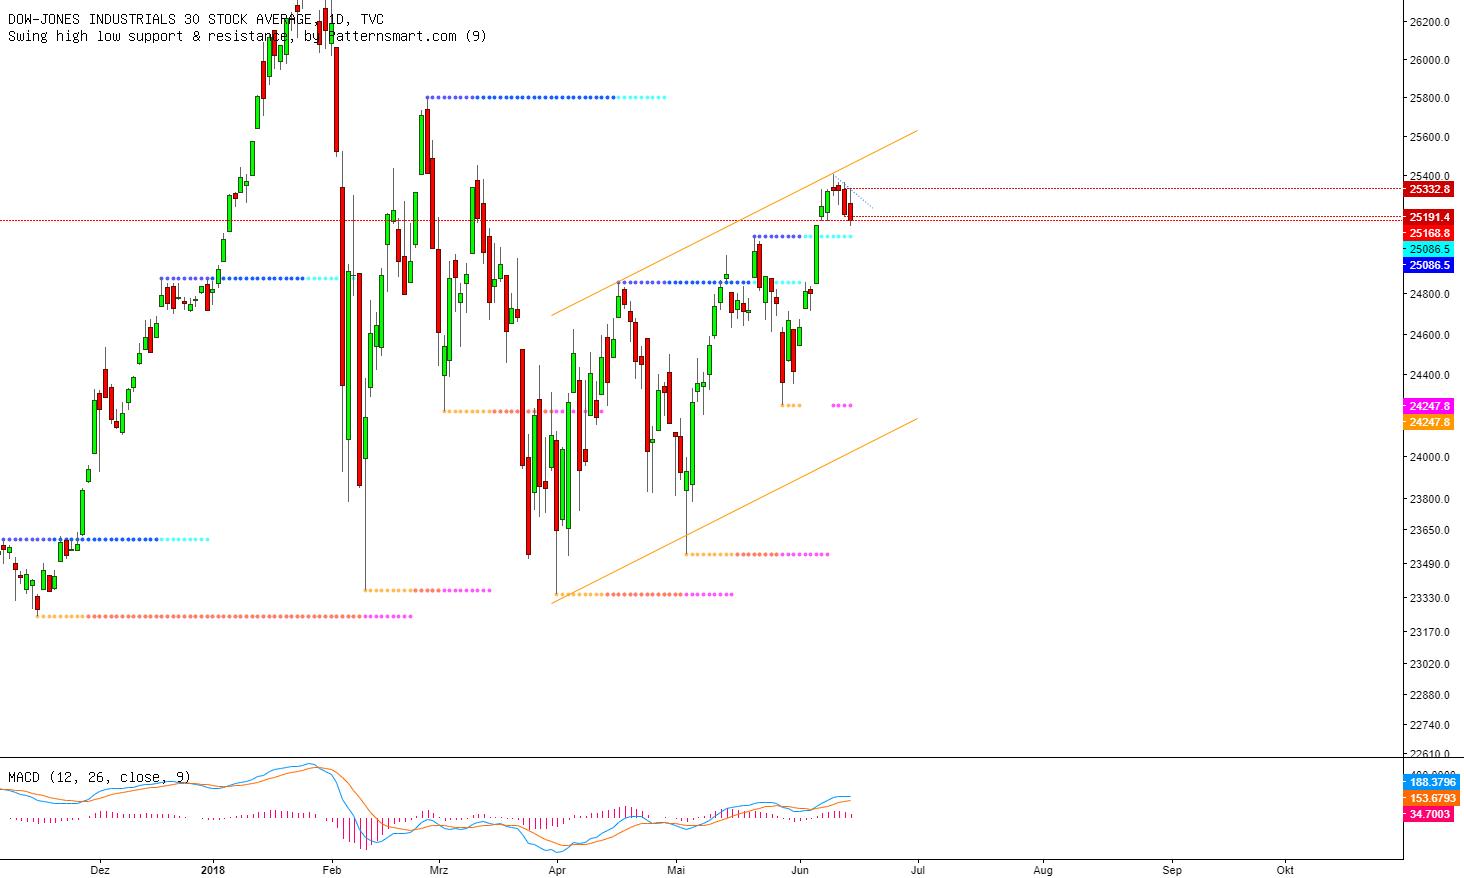 Dow Jones am Donnerstag: Nun doch ausgereizt...